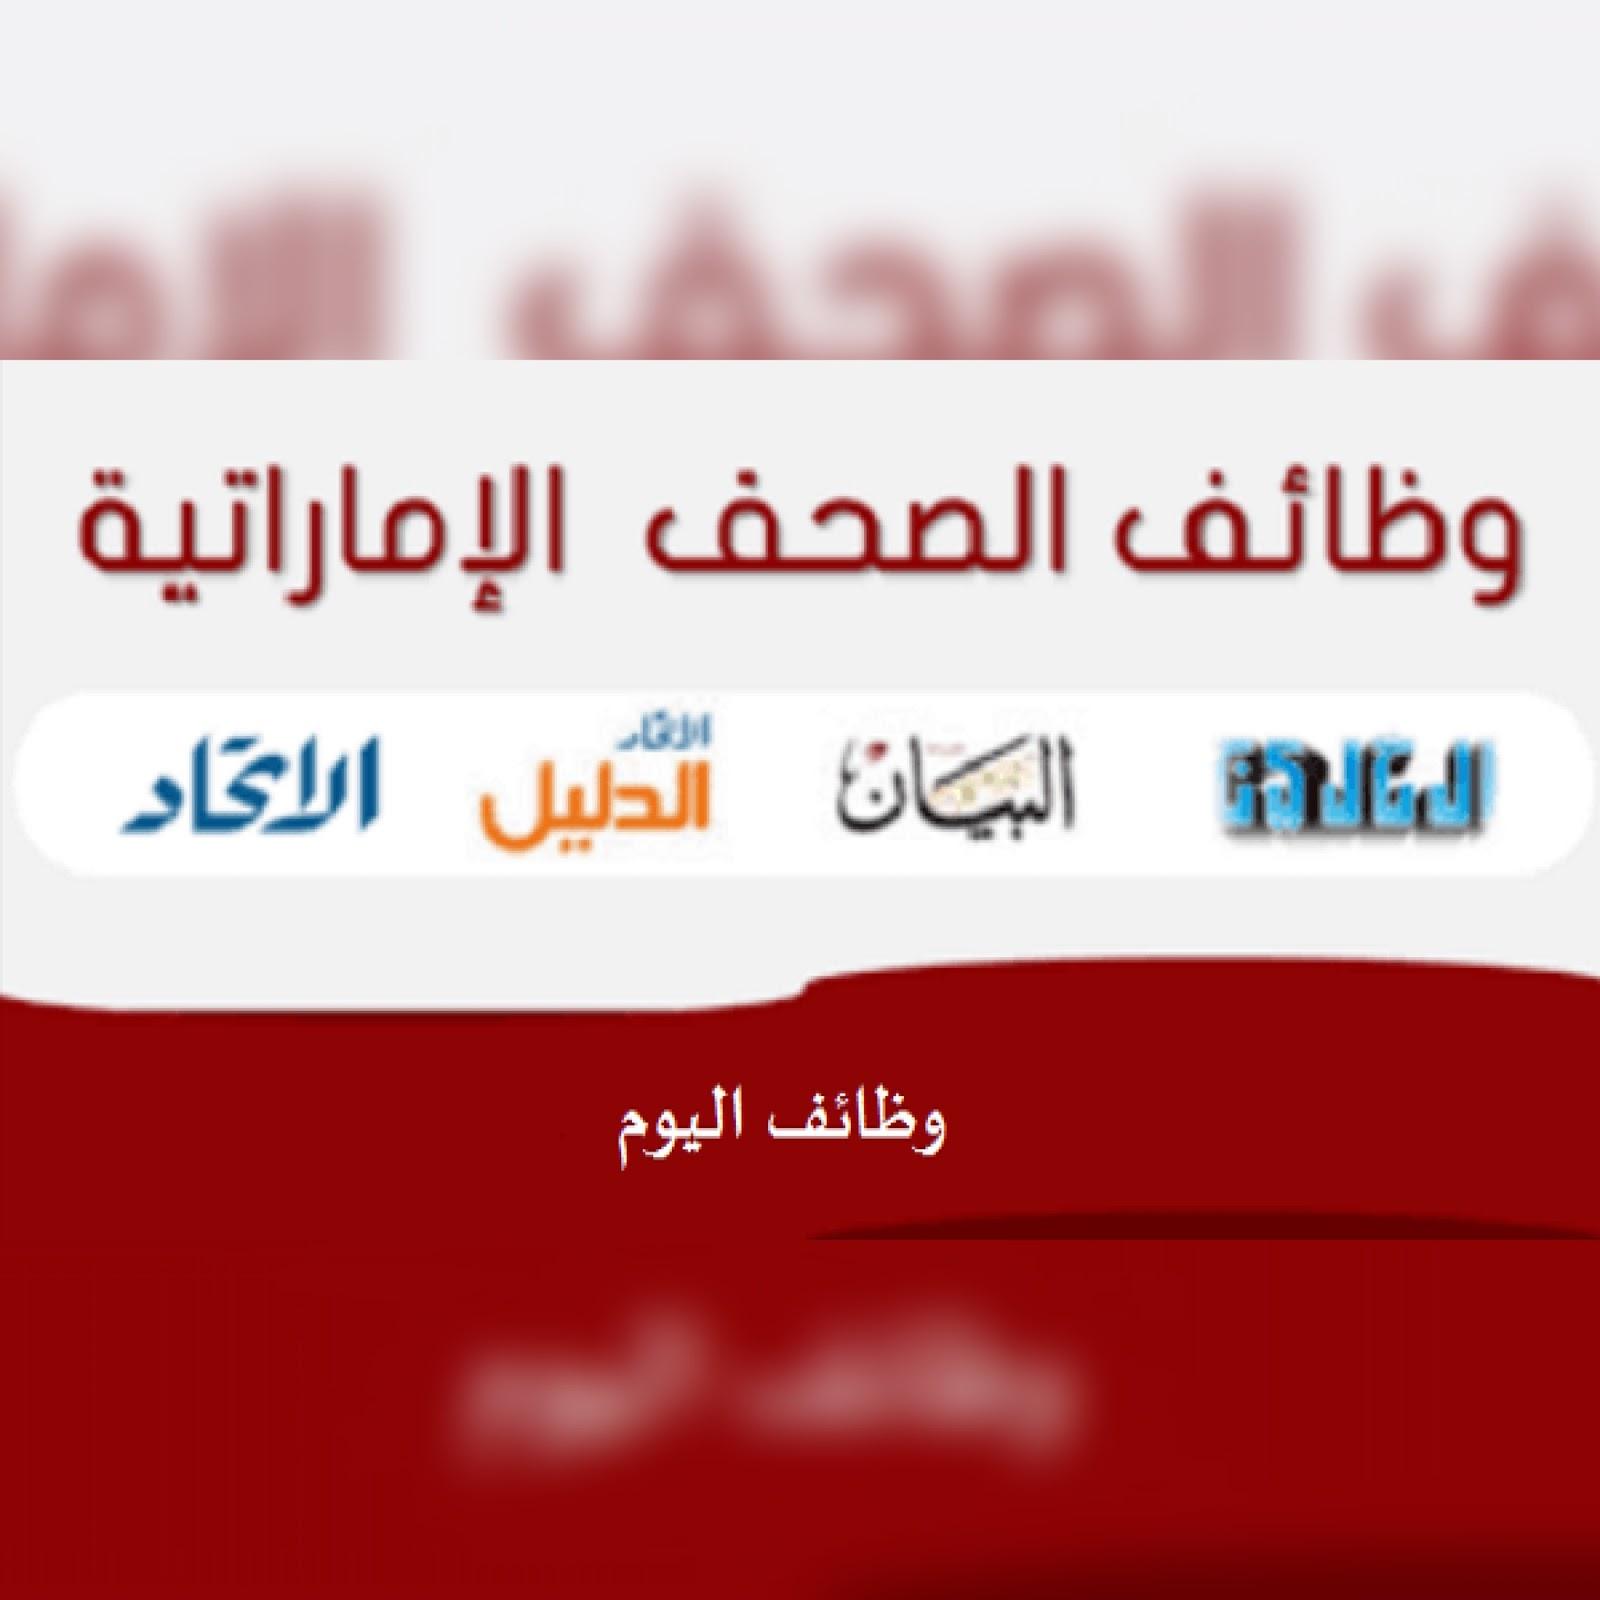 وظائف جريدة الامارات اليوم وظائف جريدة جلف نيوز الاماراتية وظائف جريدة البيان الاماراتية بتاريخ اليوم 12 يناير 2021